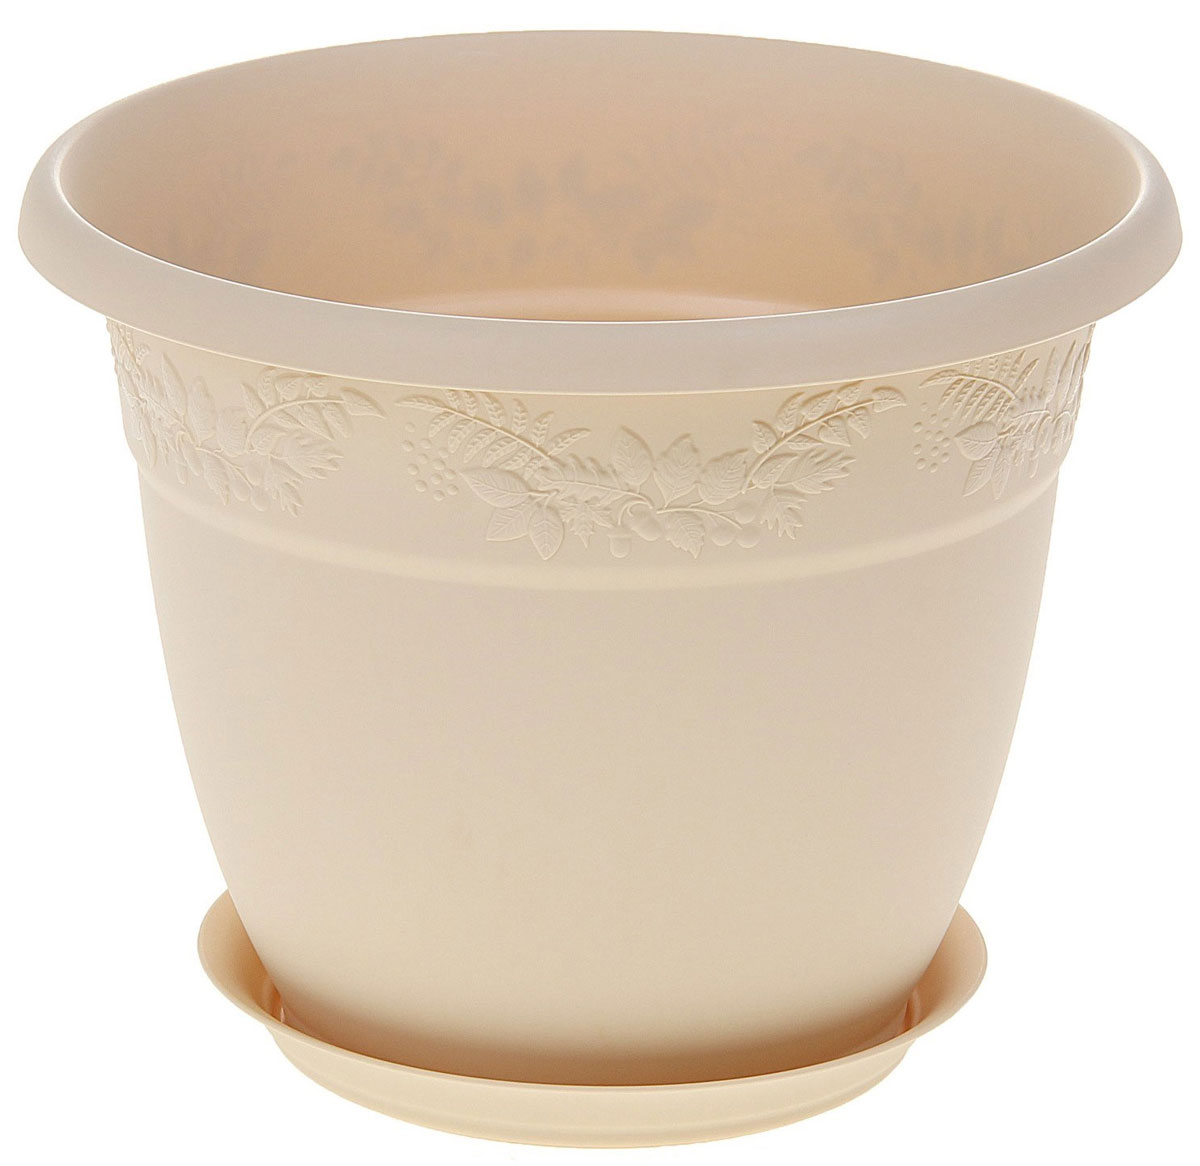 Кашпо Idea Рябина, с поддоном, цвет: белая глина, 3,6 лZ-0307Кашпо Idea Рябина изготовлено из высококачественного полипропилена (пластика). Специальный поддон предназначен для стока воды. Изделие прекрасно подходит для выращивания растений и цветов в домашних условиях. Лаконичный дизайн впишется в интерьер любого помещения. Диаметр поддона: 15 см. Объем кашпо: 3,6 л.Диаметр кашпо по верхнему краю: 22 см.Высота кашпо: 17,5 см.